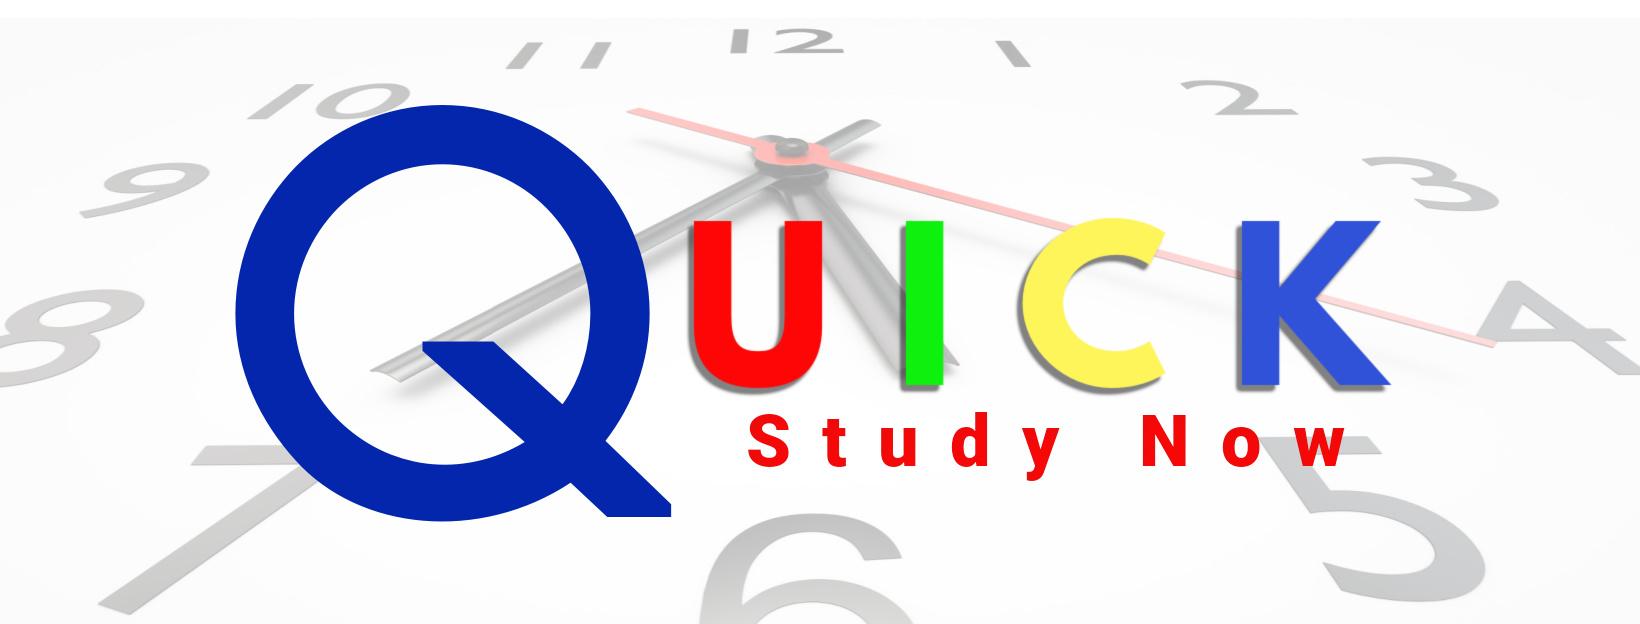 Quick Study Now